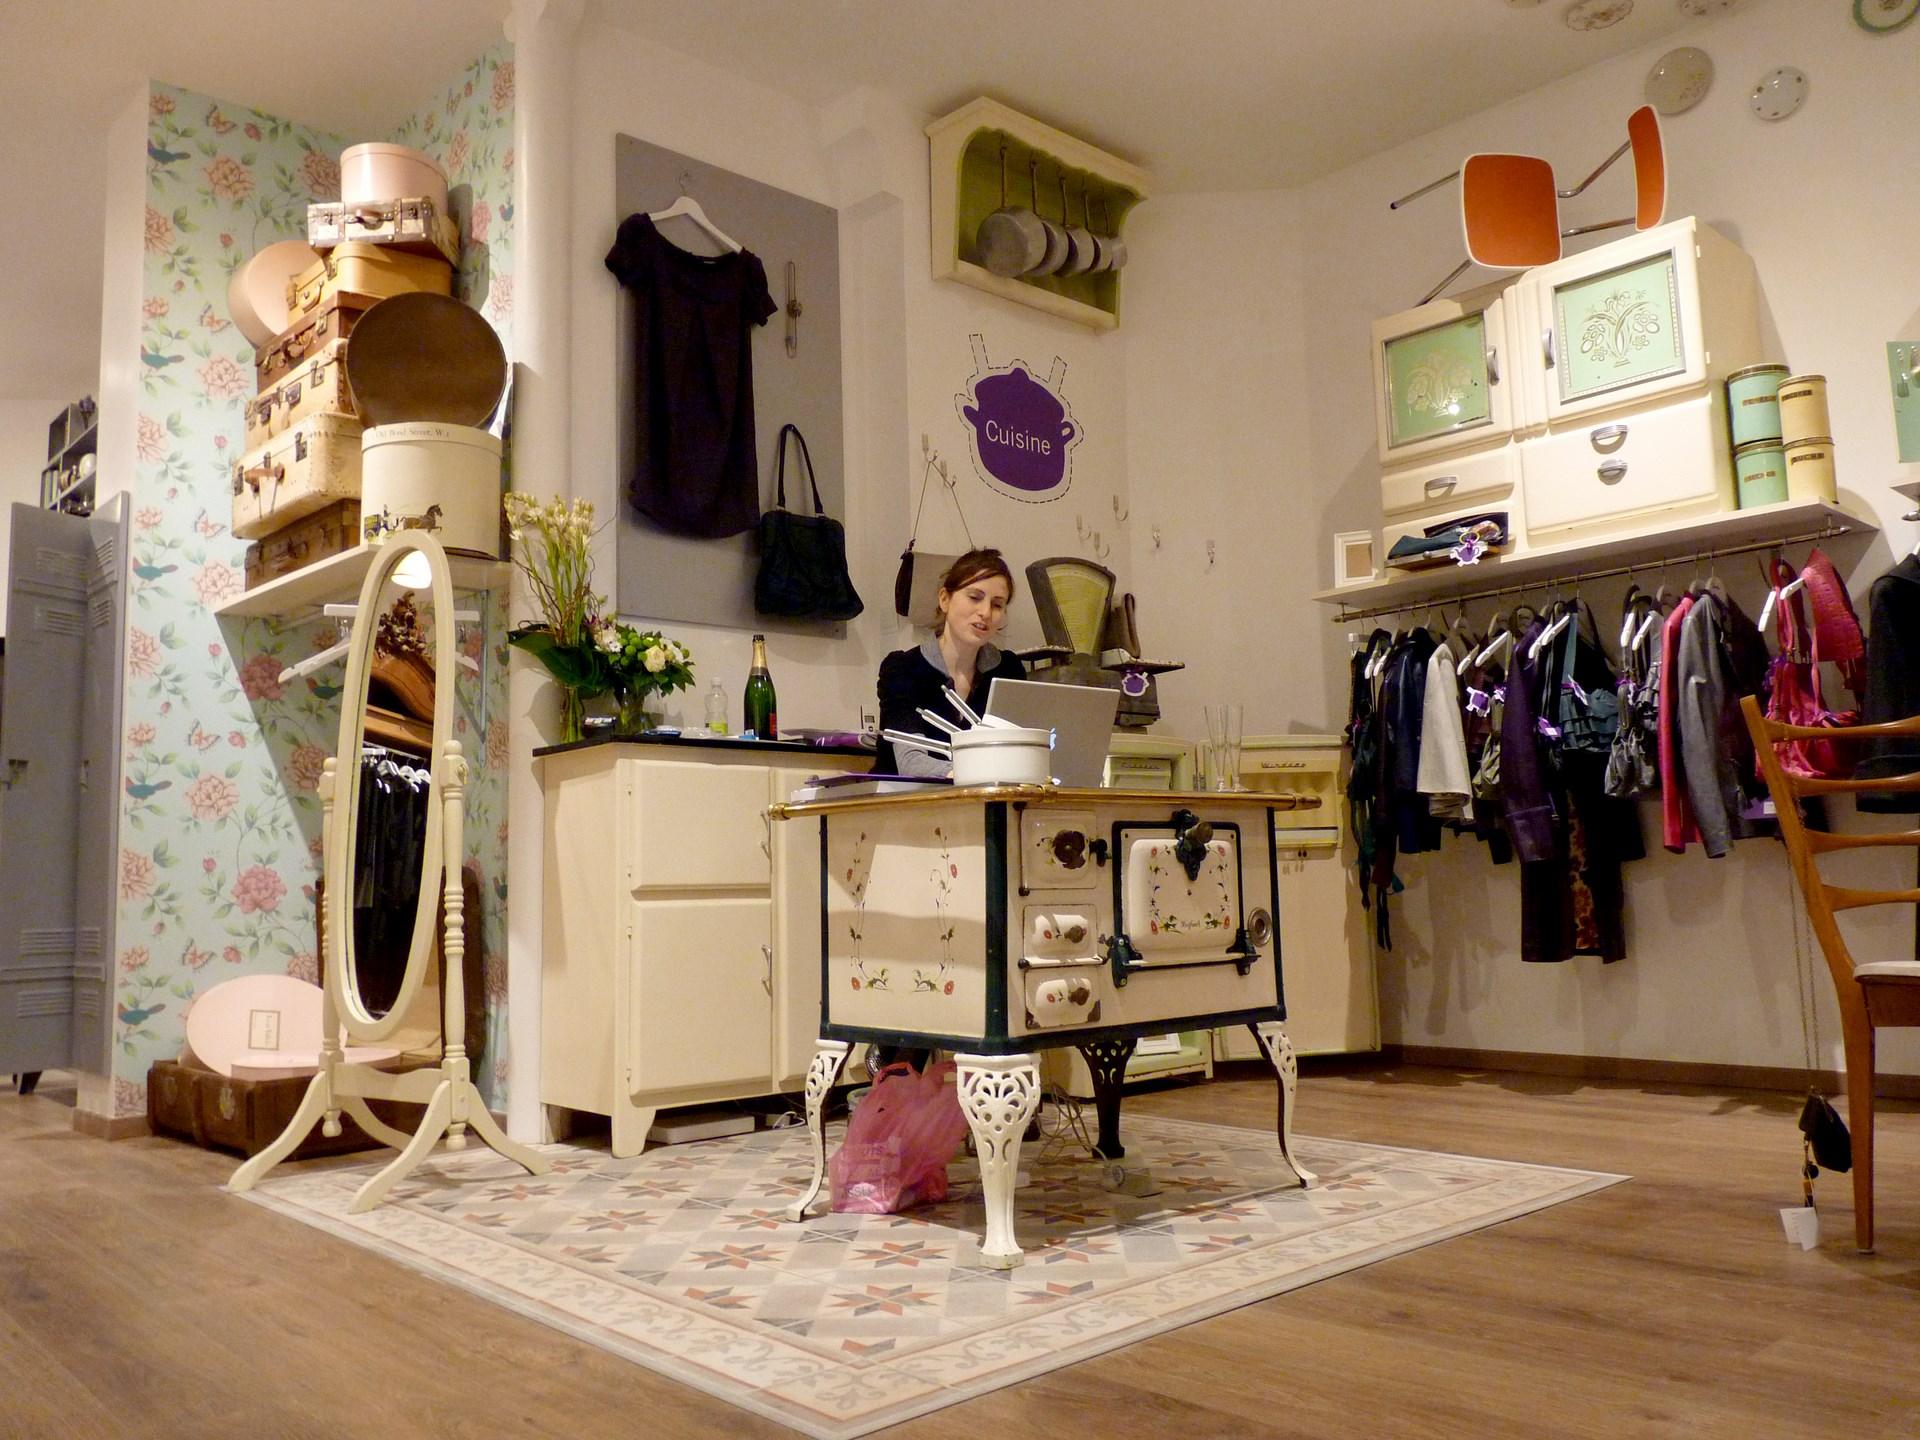 architecte concept boutique vintage vetement accueil paperdolls agence avous